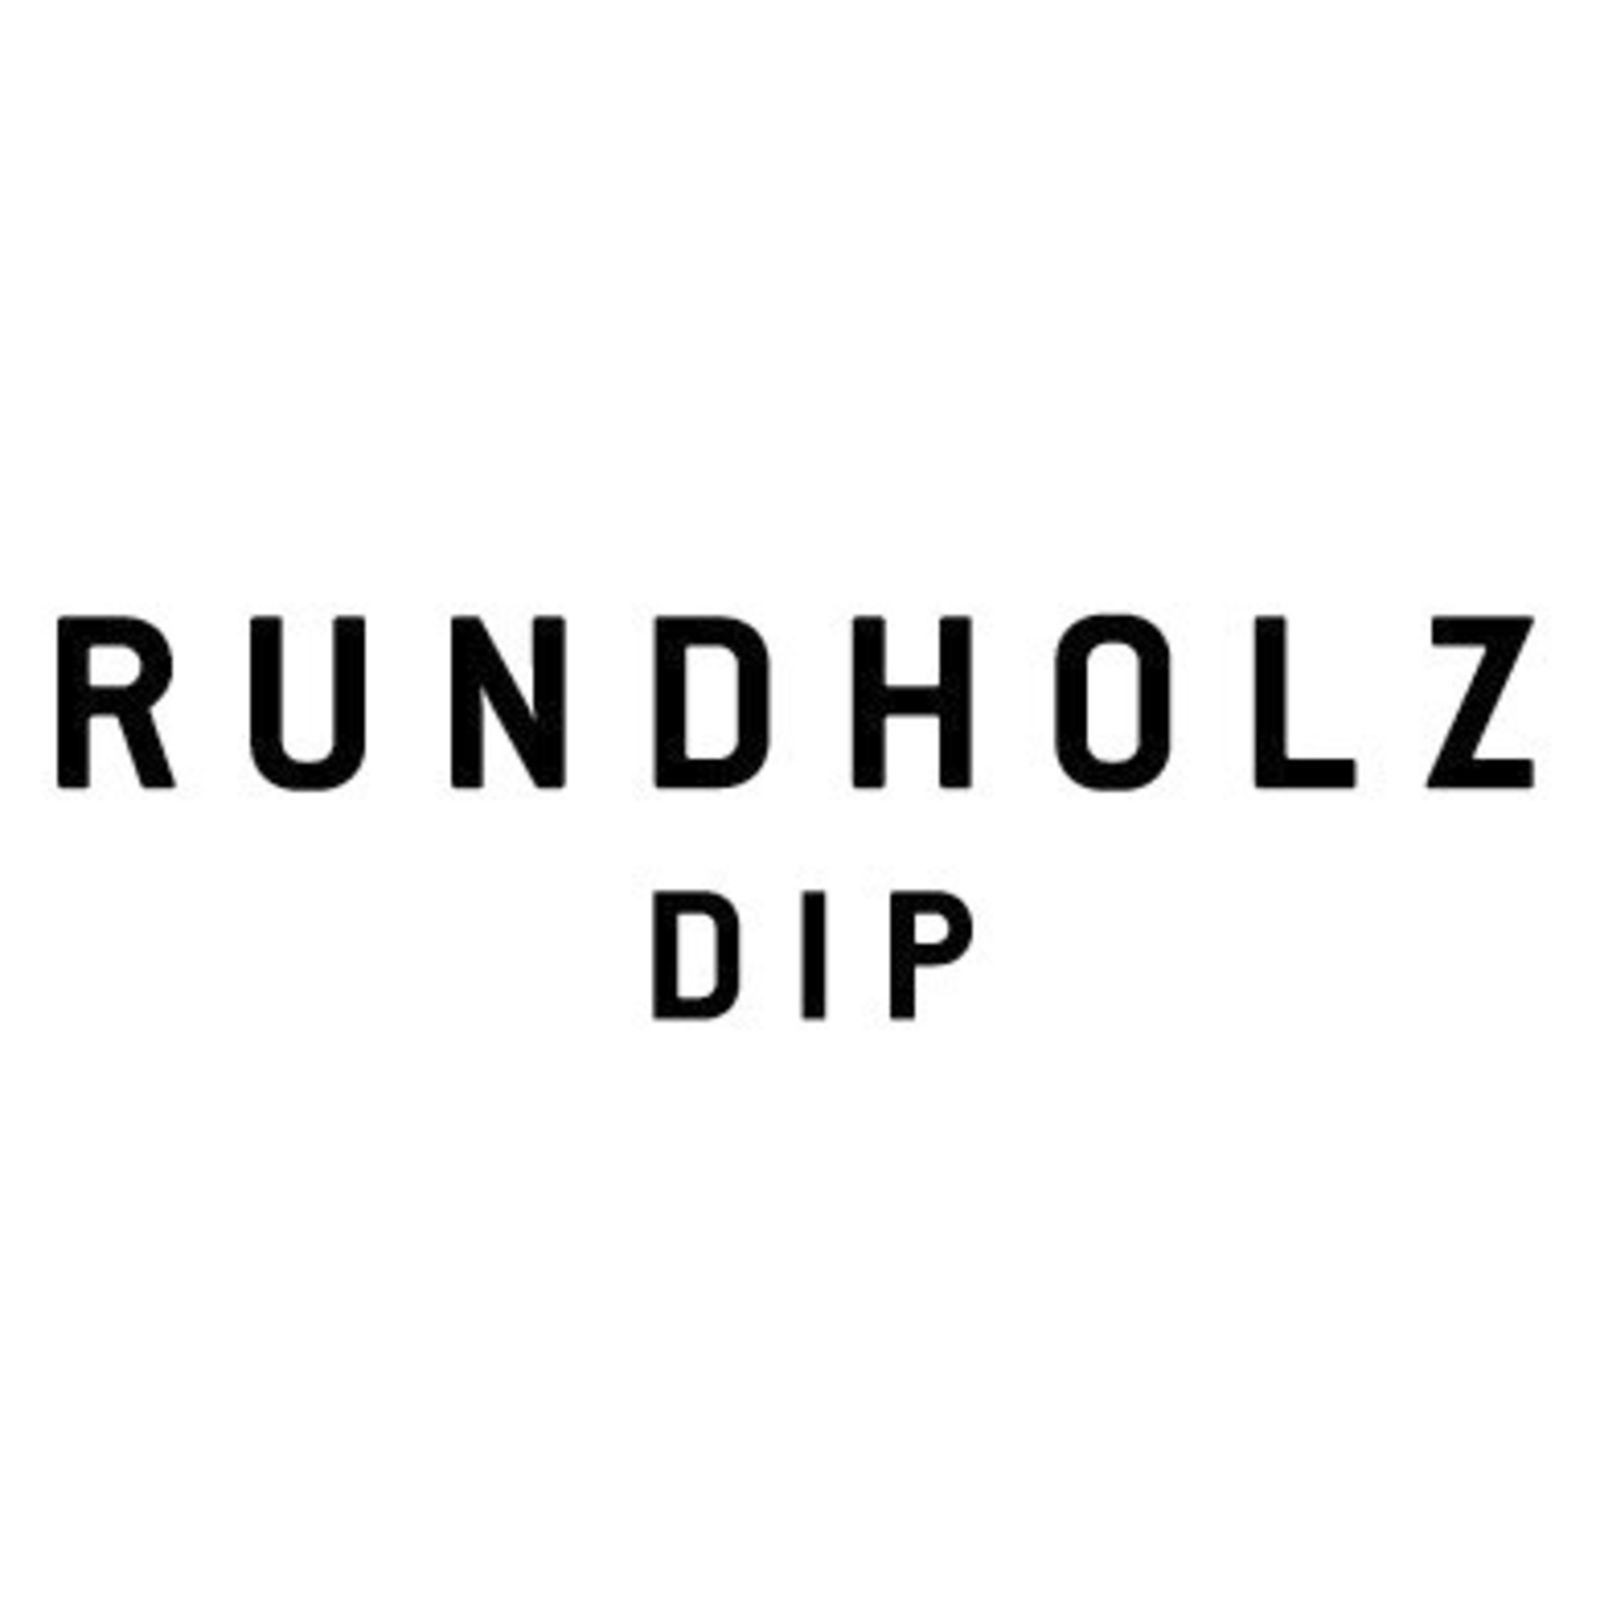 rundholz dip (Bild 1)